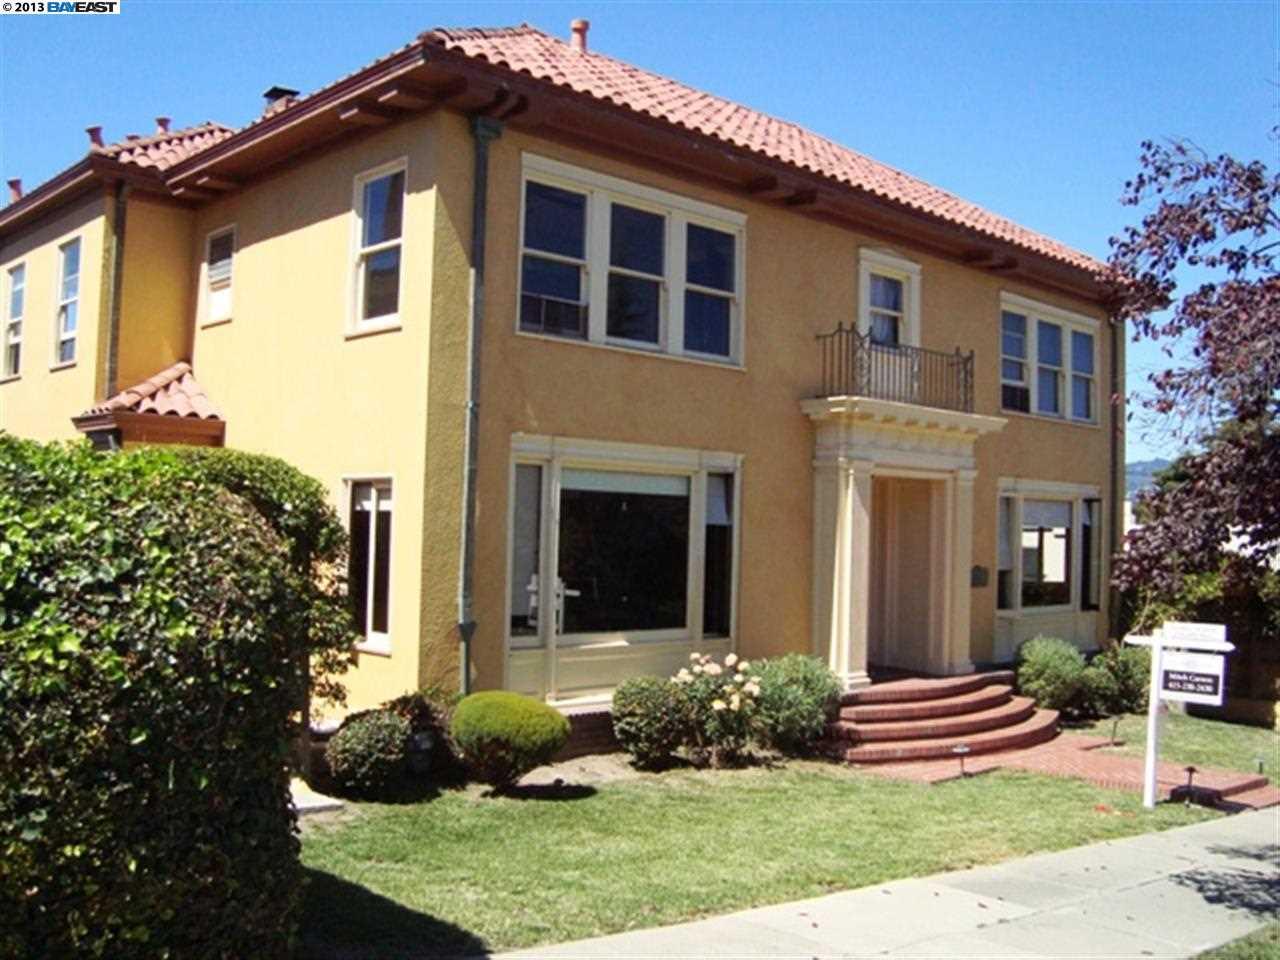 Einfamilienhaus für Verkauf beim 663 HADDON Road Oakland, Kalifornien 94610 Vereinigte Staaten